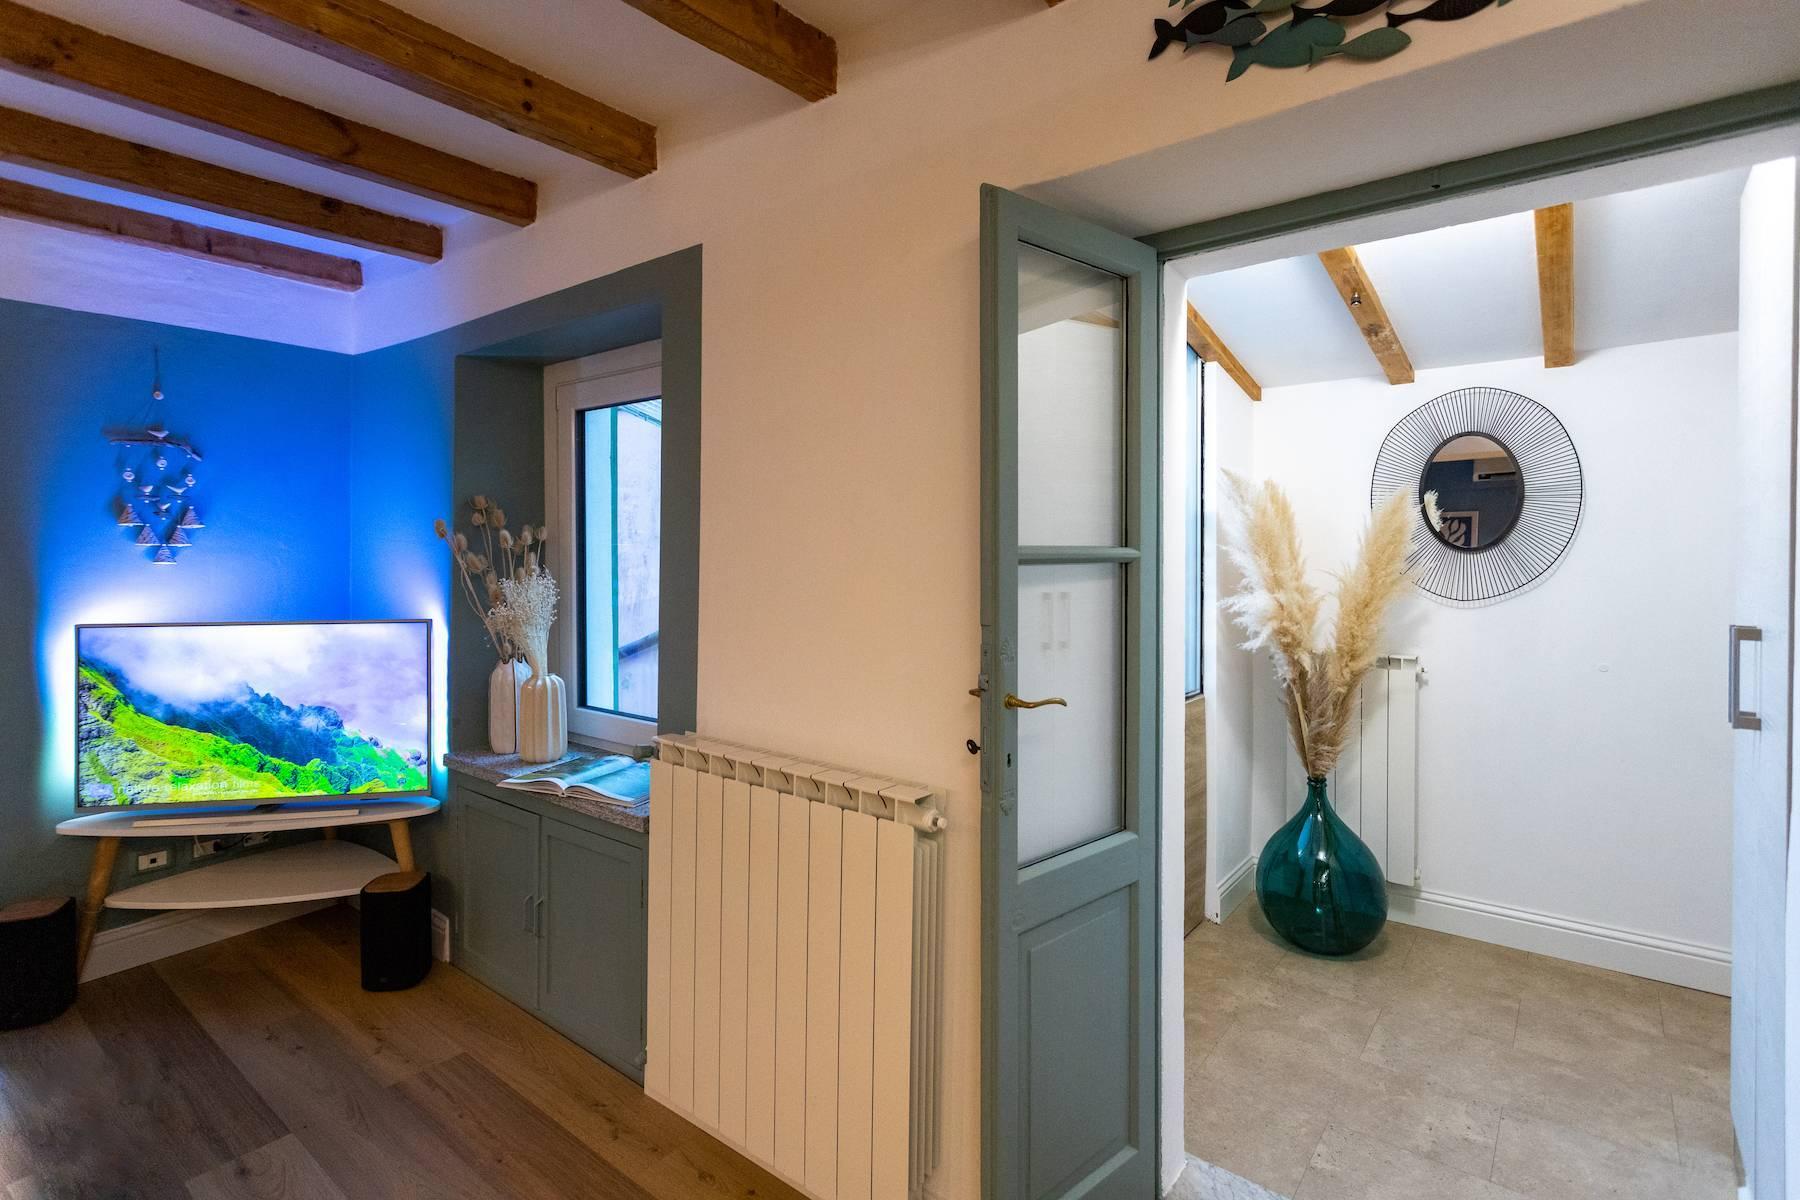 Appartamento accogliente a Belgirate con vista sul Lago Maggiore - 5